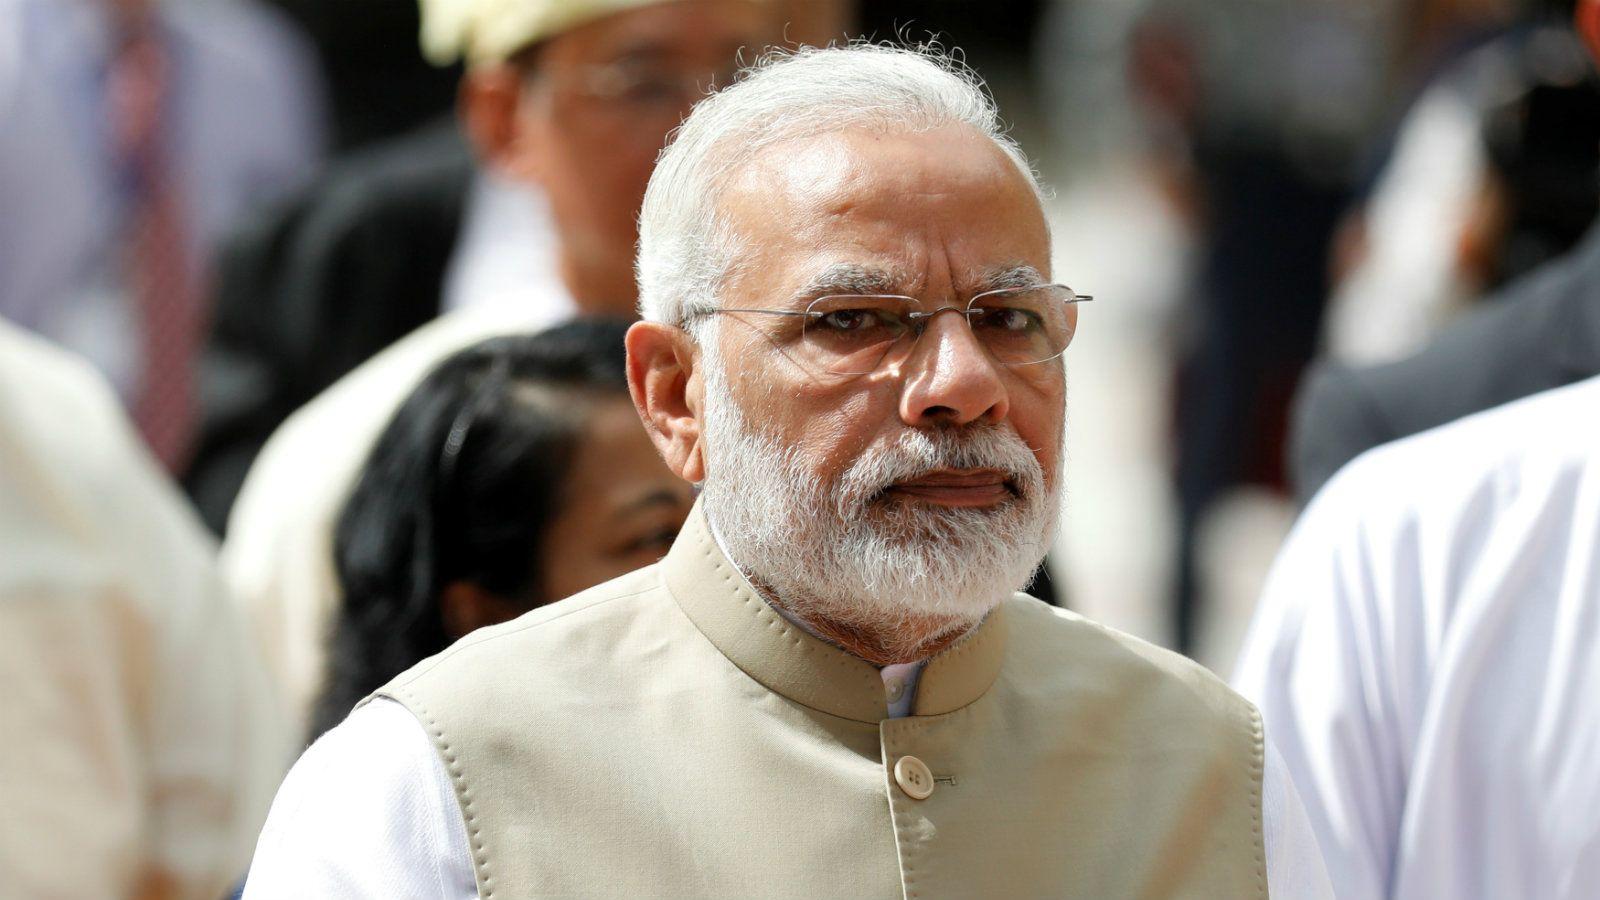 भारतीय प्रधानमन्त्री मोदी अगस्टमा भुटान जाने